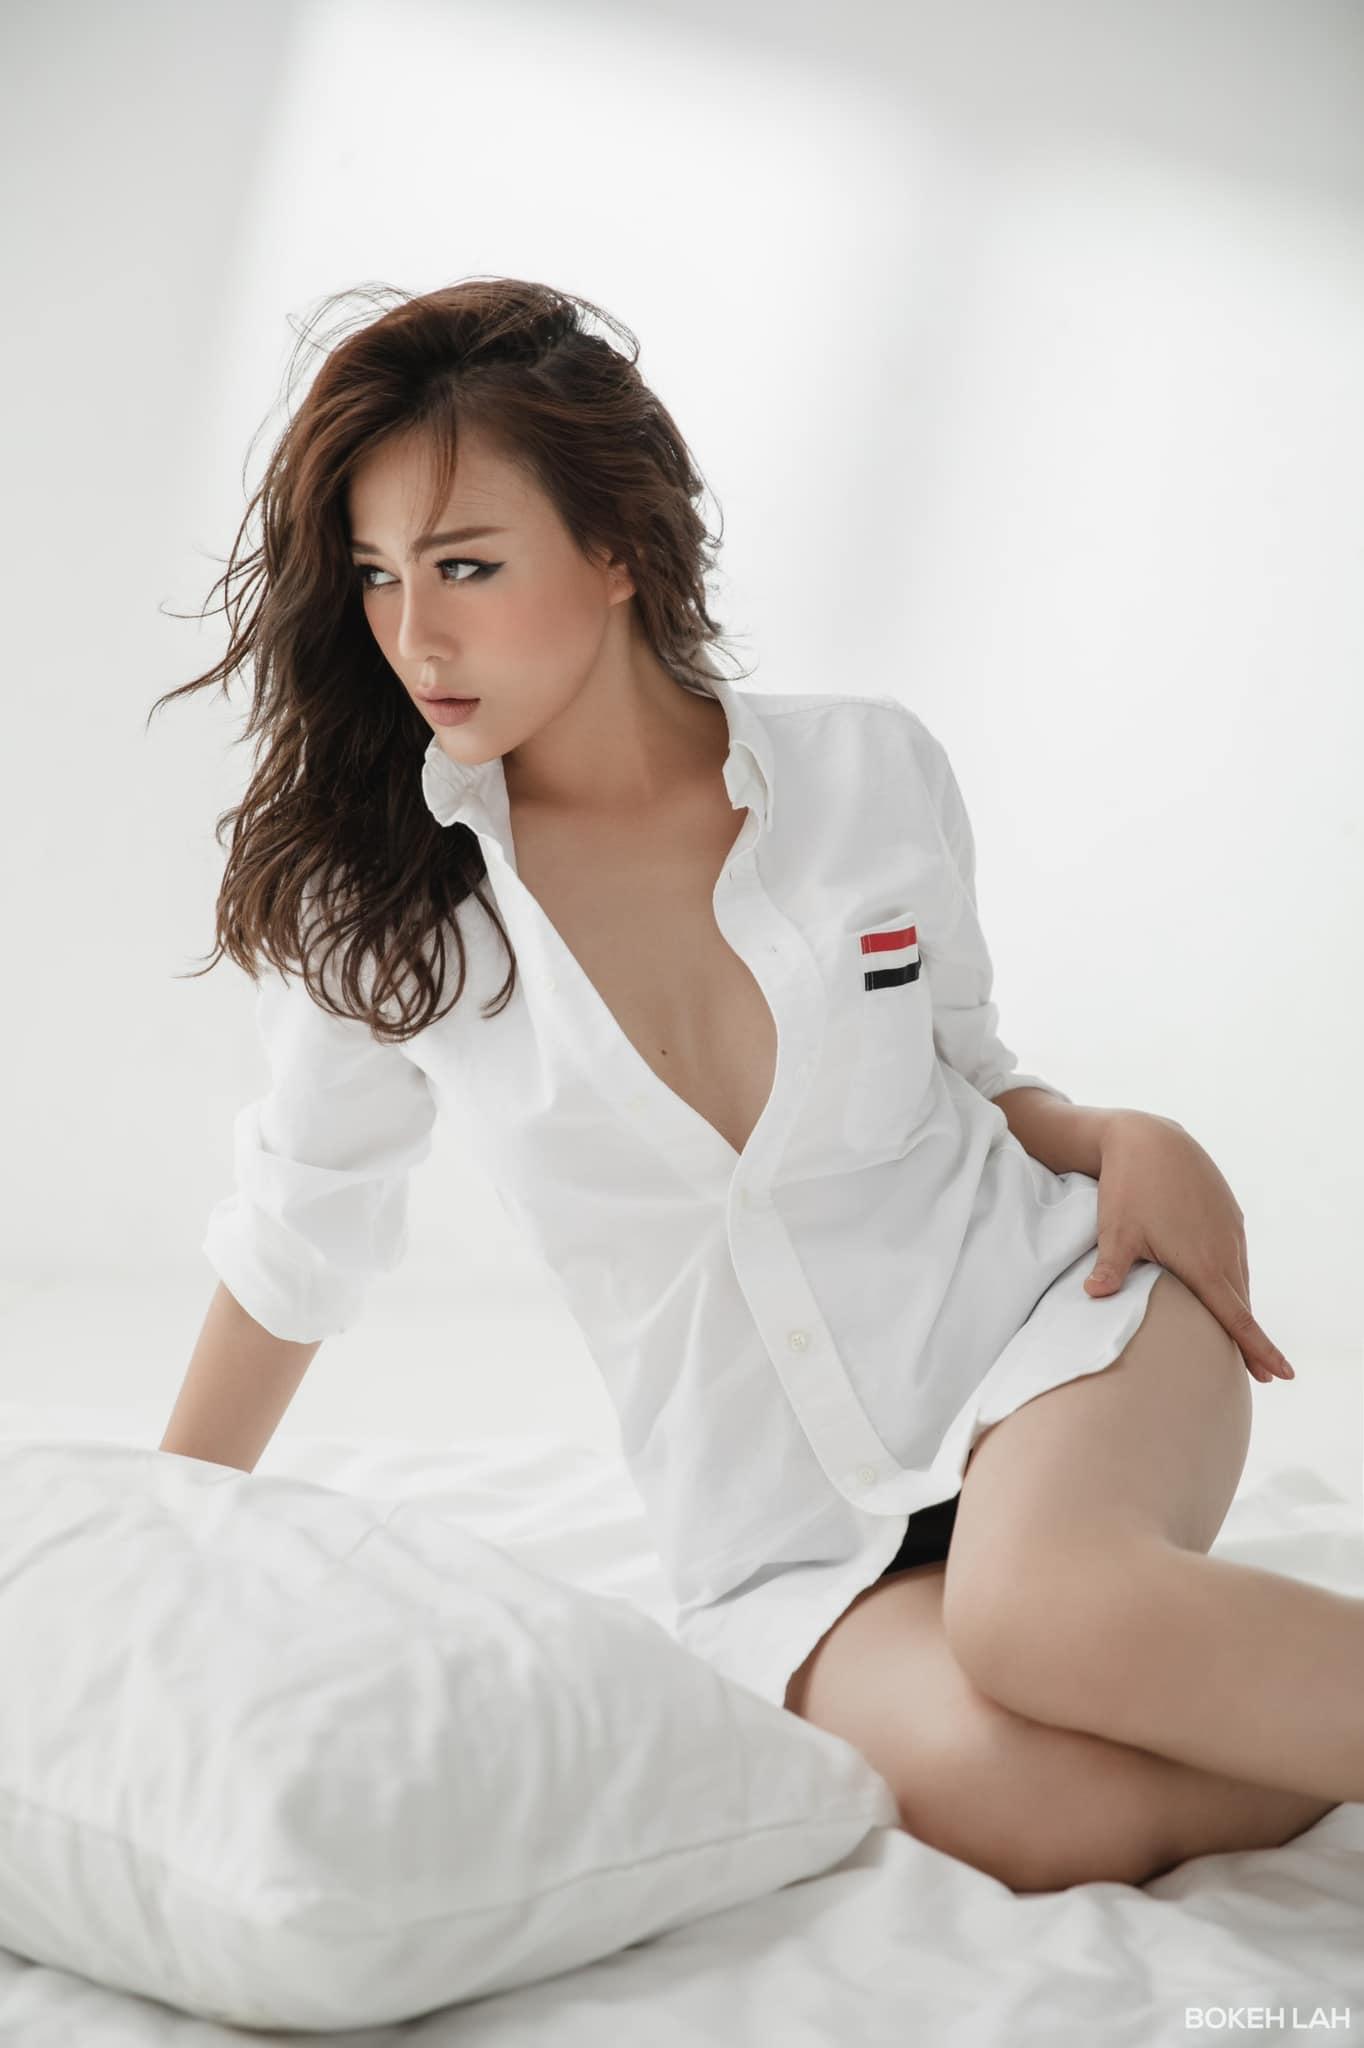 Phương Oanh Hương vị tình thân đáp trả xéo đi, rác rưởi khi bị anti-fan bình luận tục tĩu-6